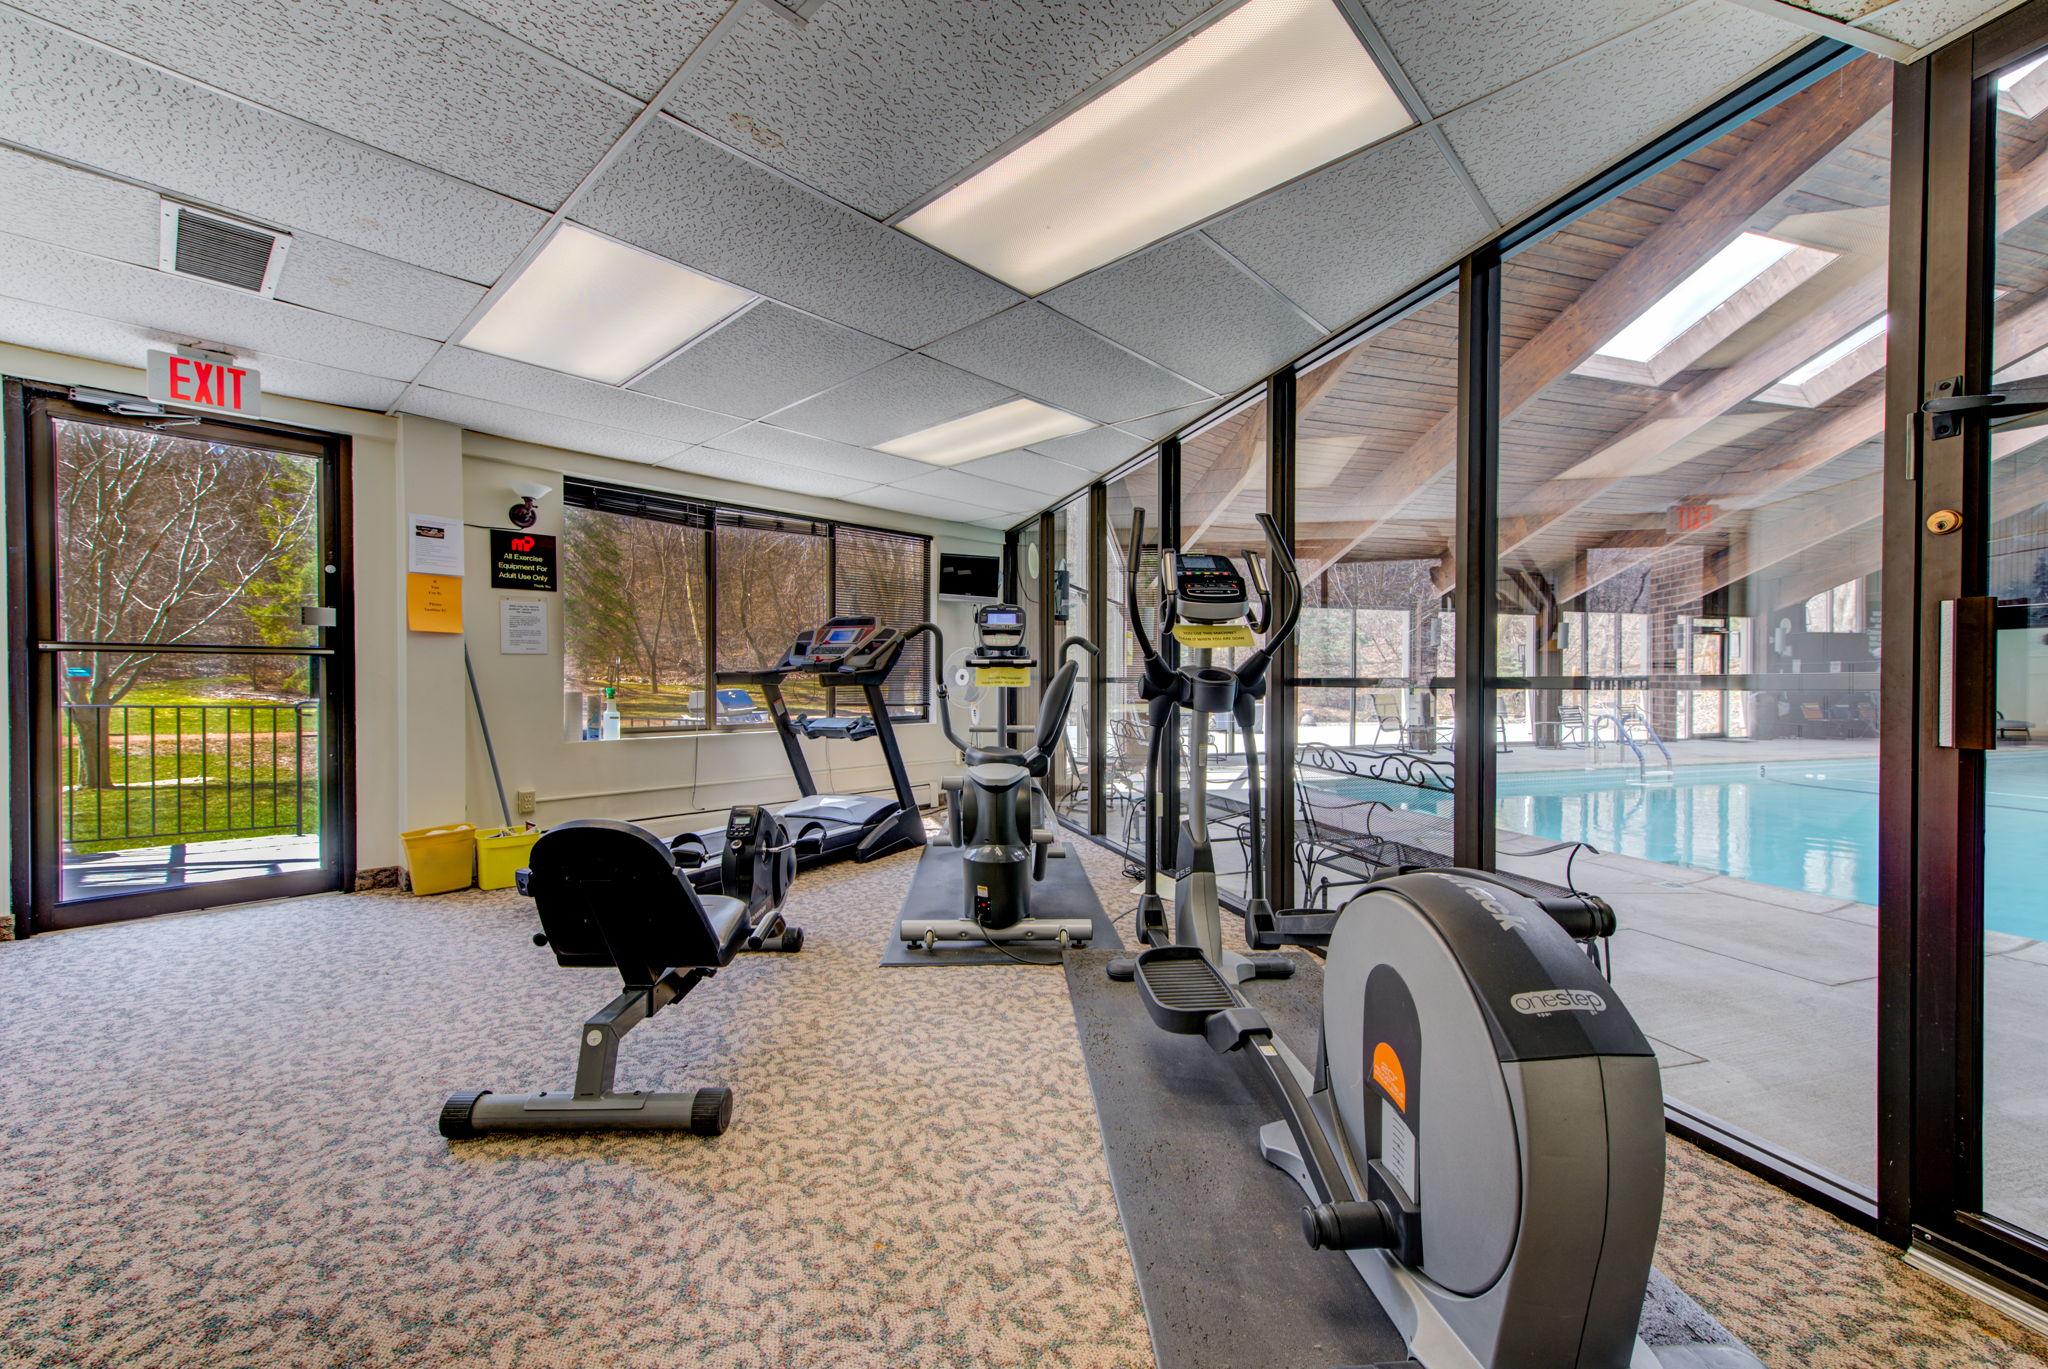 Building - Gym